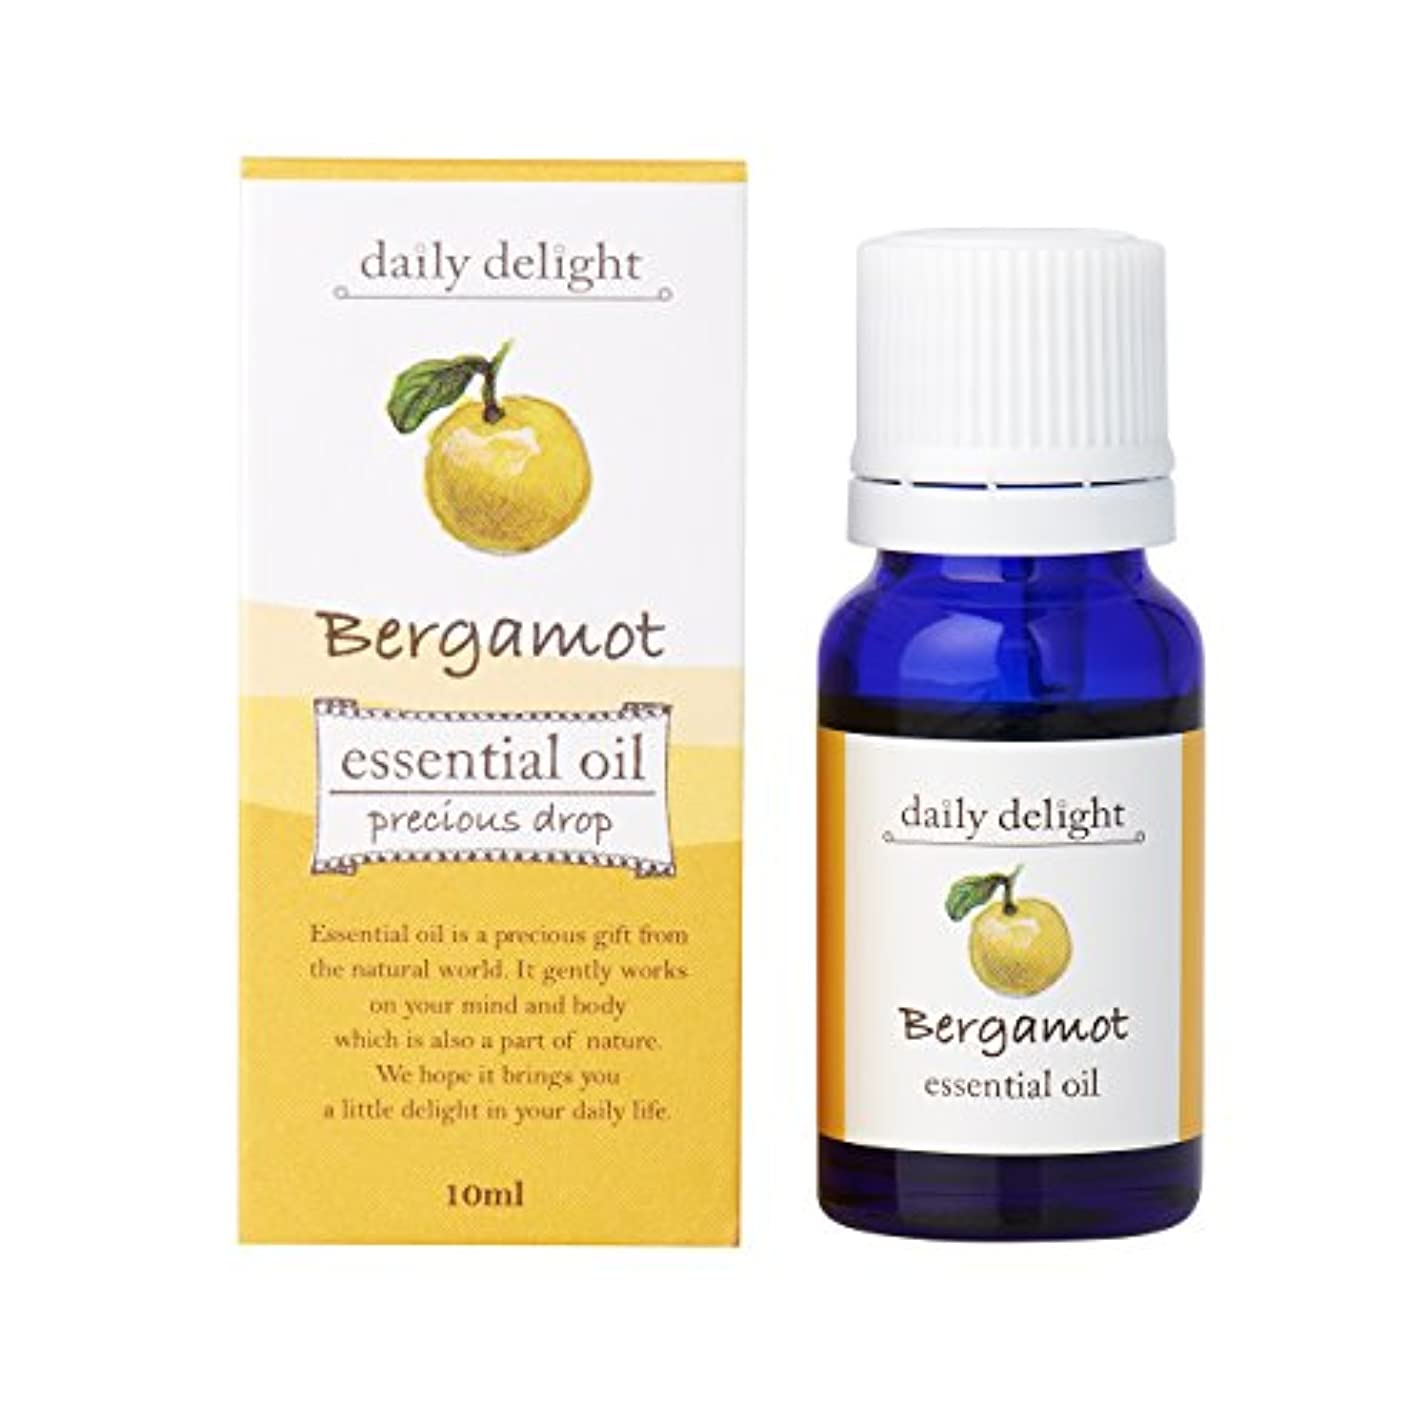 センサー刺激する収入デイリーディライト エッセンシャルオイル  ベルガモット 10ml(天然100% 精油 アロマ 柑橘系 甘さが少なめでみずみずしく美しい香り)